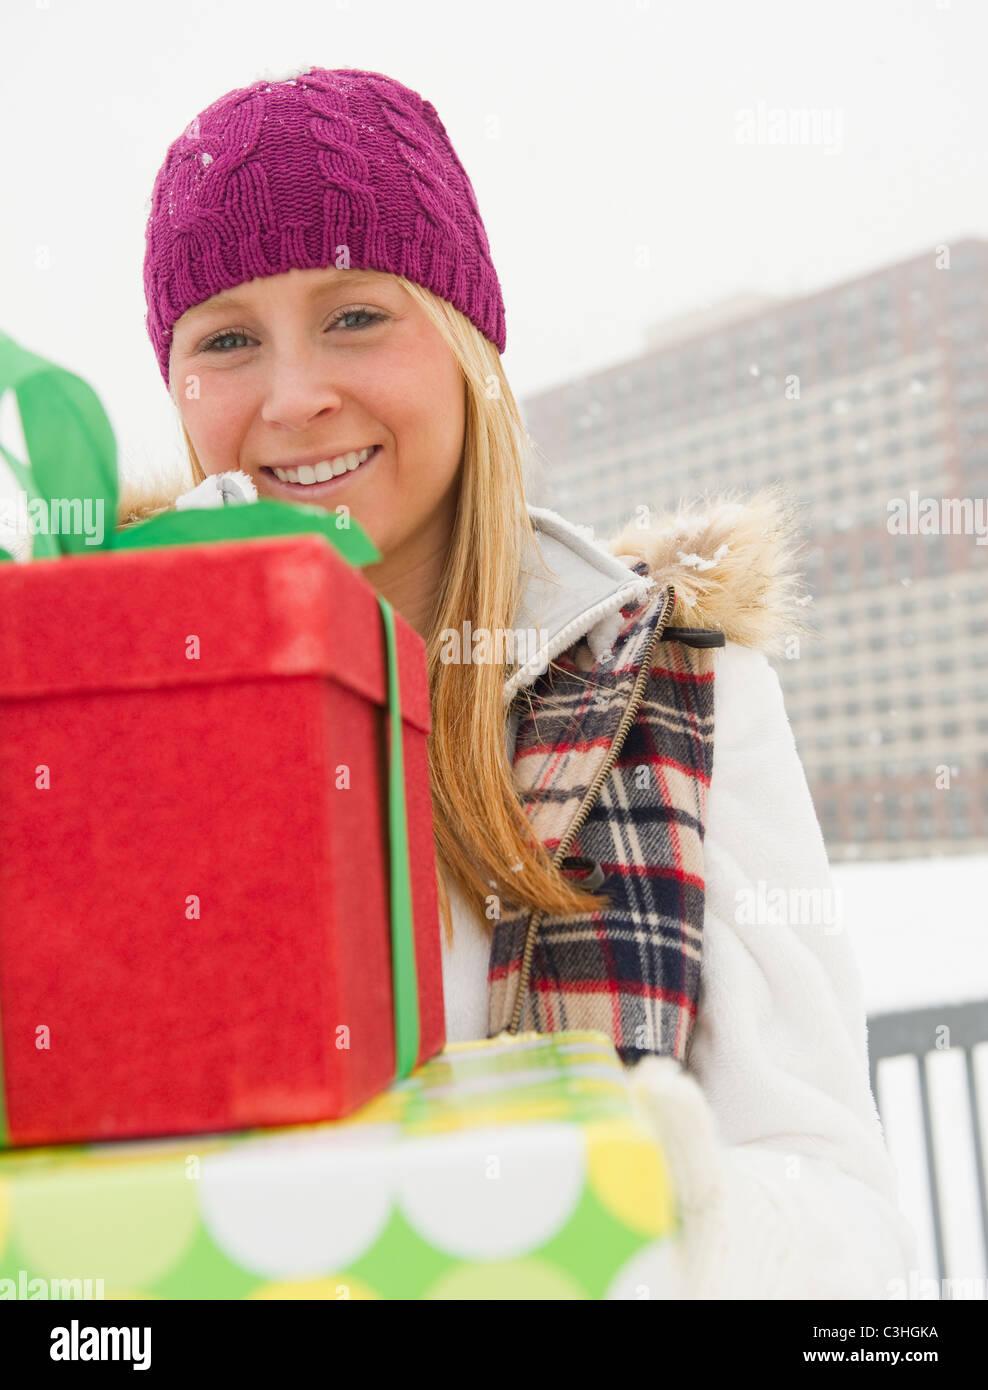 Frau mit Weihnachtsgeschenke Stockbild